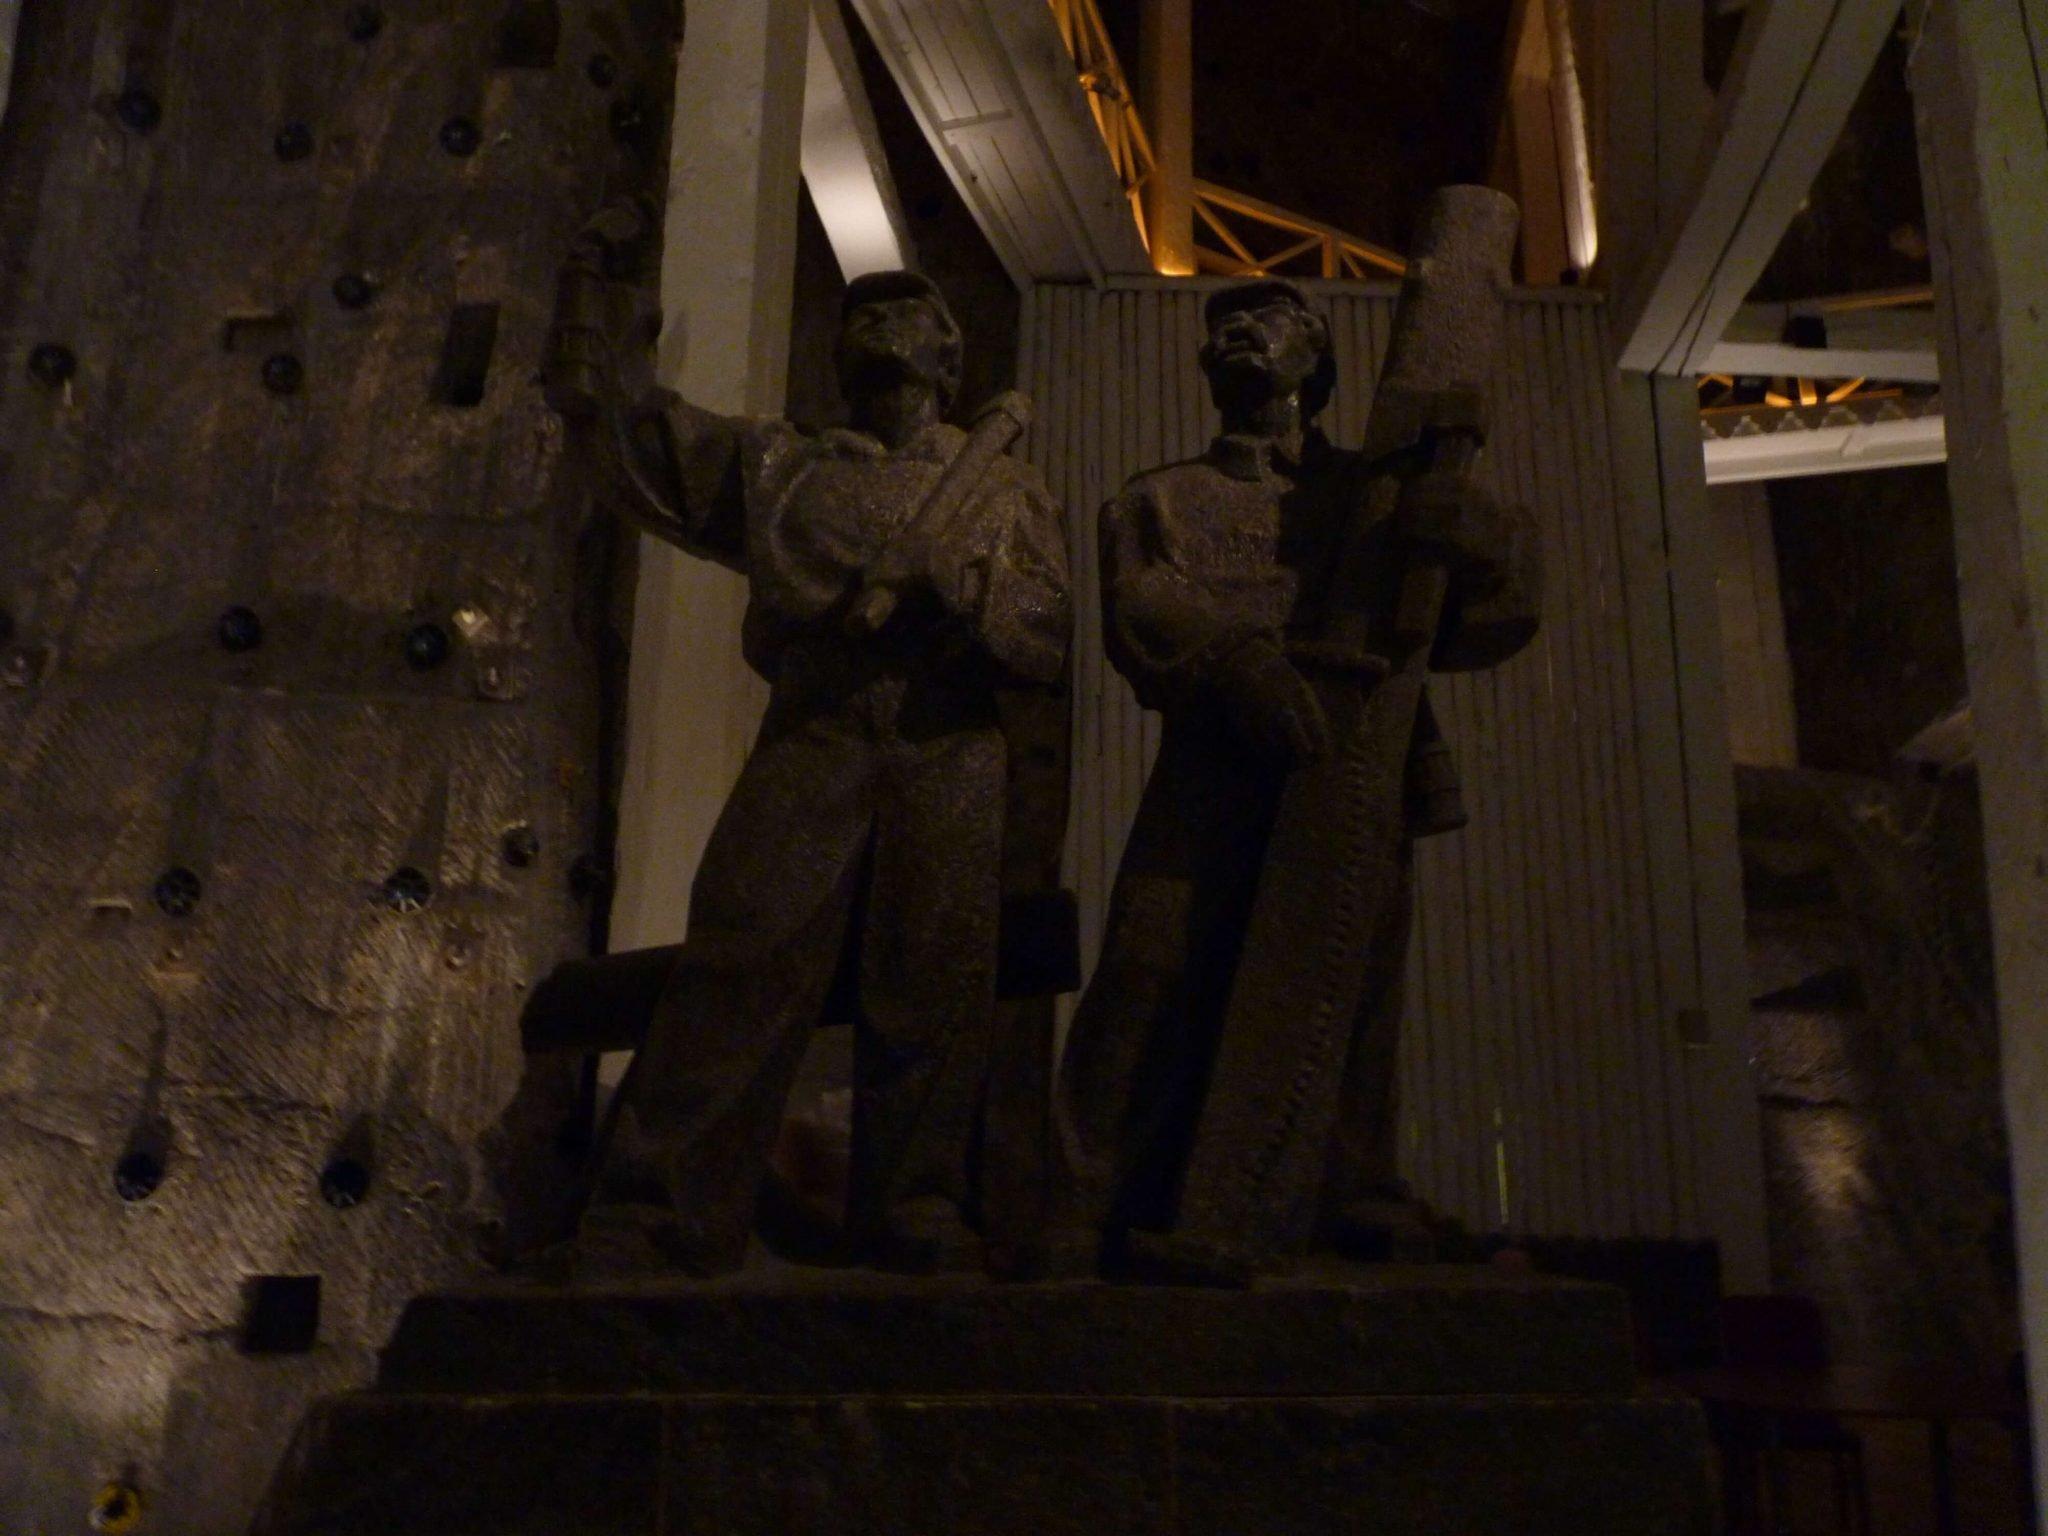 Esculturas 03 Minas de Sal de Wieliczka Polónia Mundo Indefinido